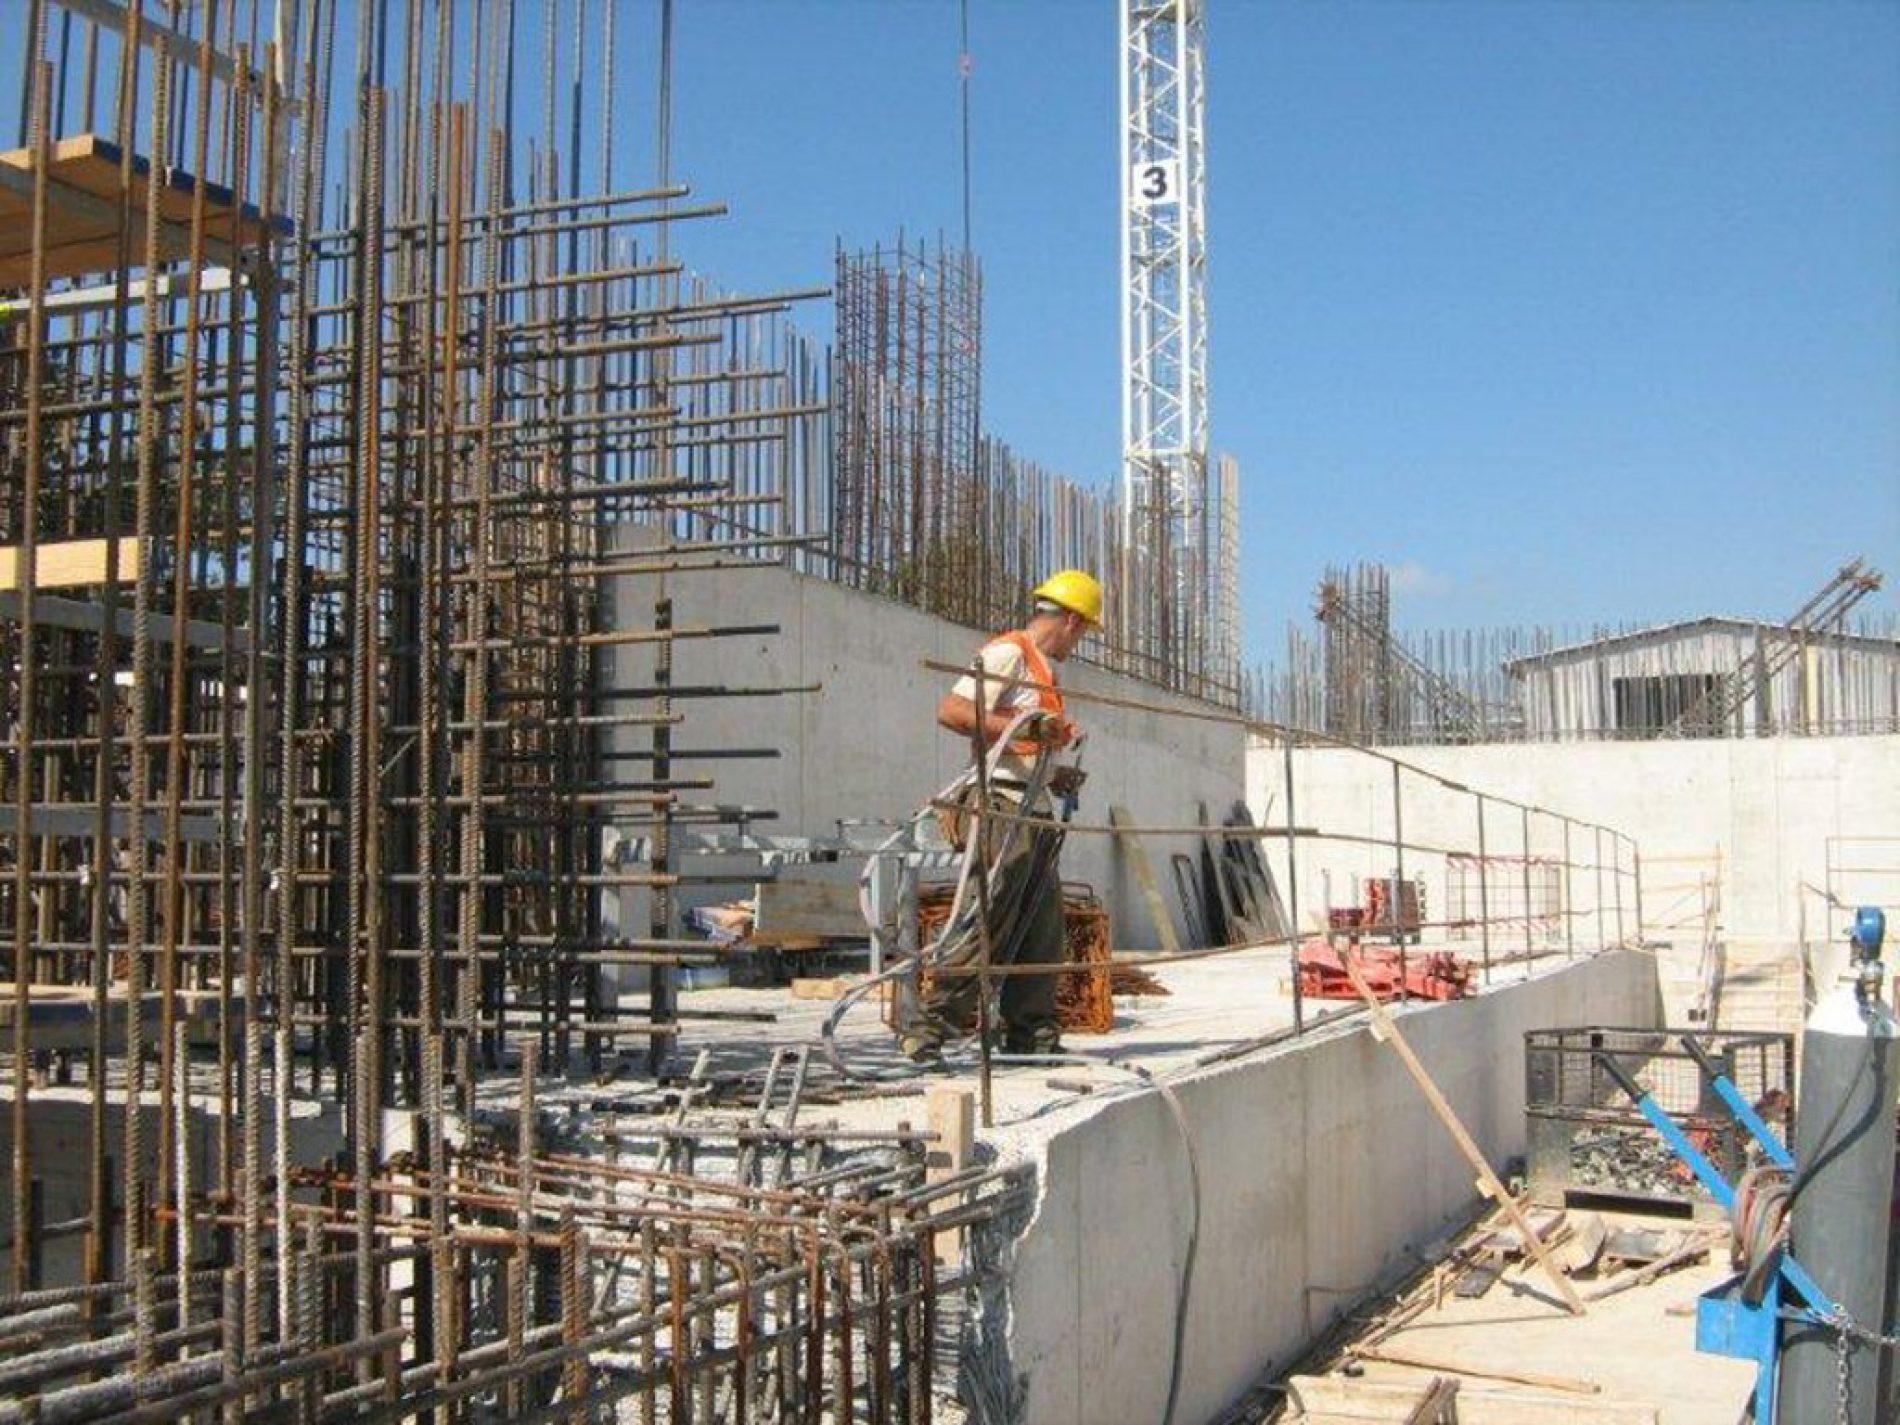 La manutenzione straordinaria non è edilizia libera